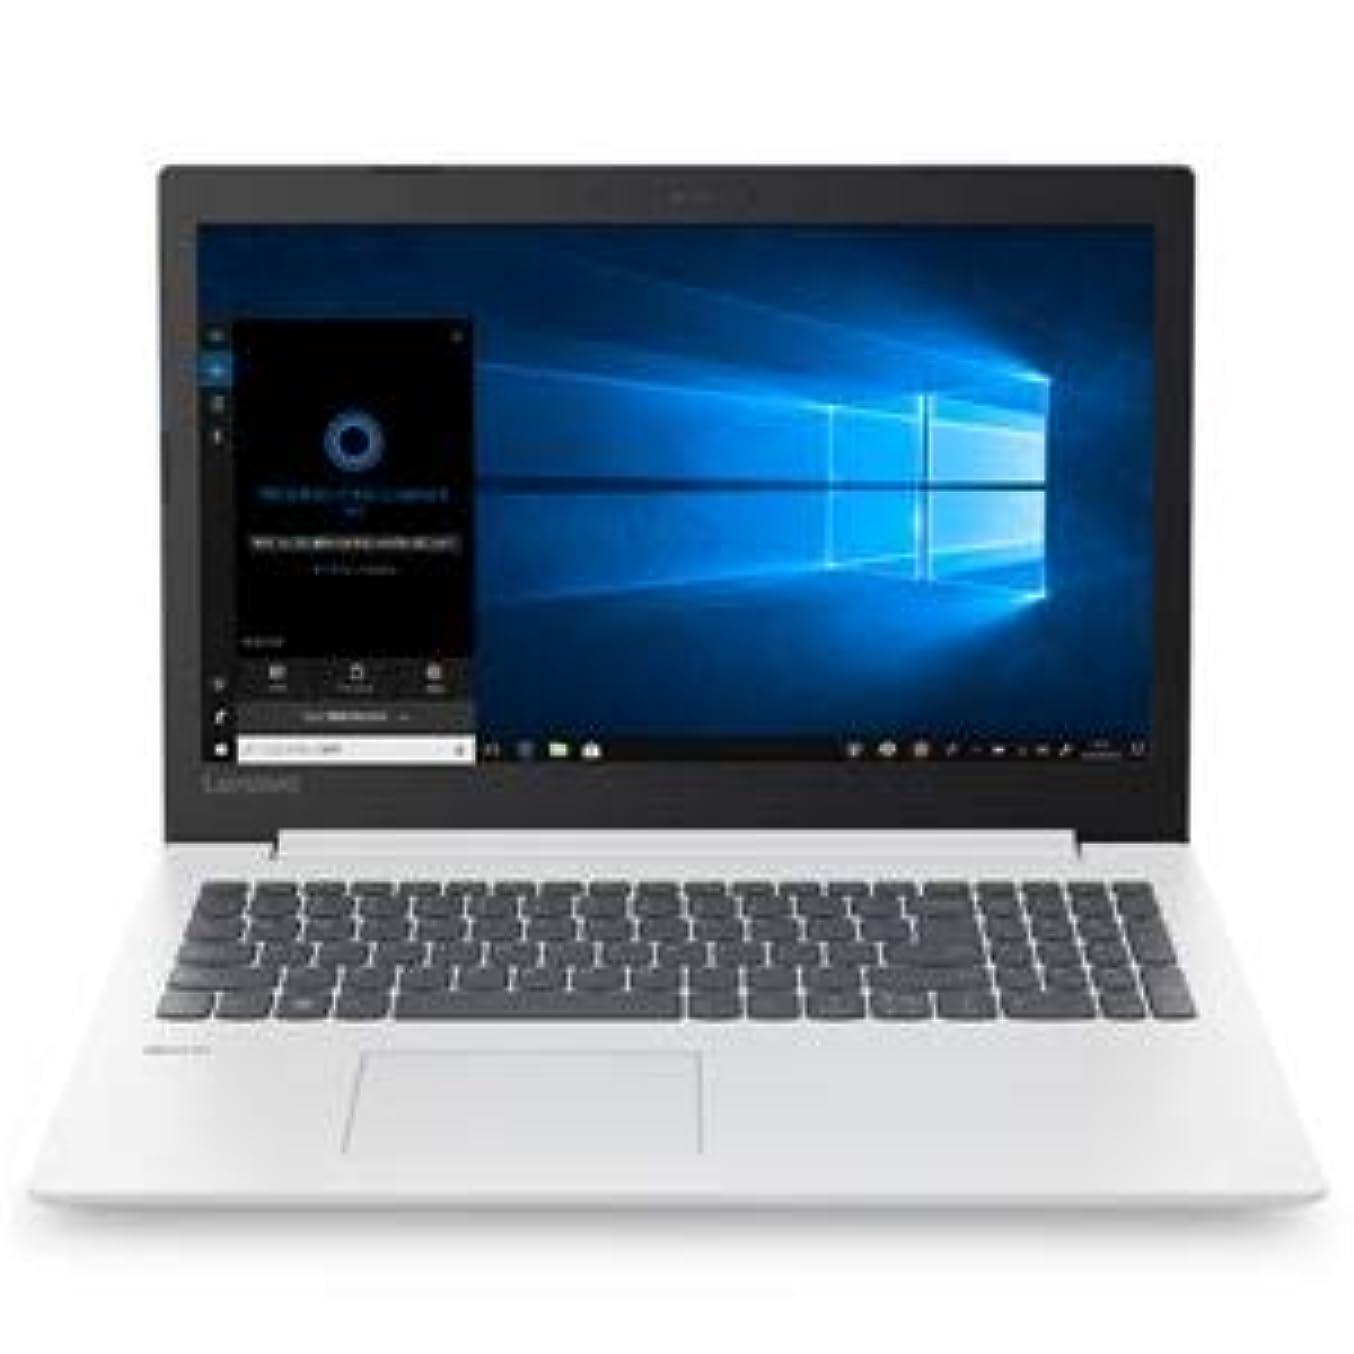 鈍いスコットランド人現金Lenovo Ideapad 330 81DC002LJP[ブリザードホワイト]